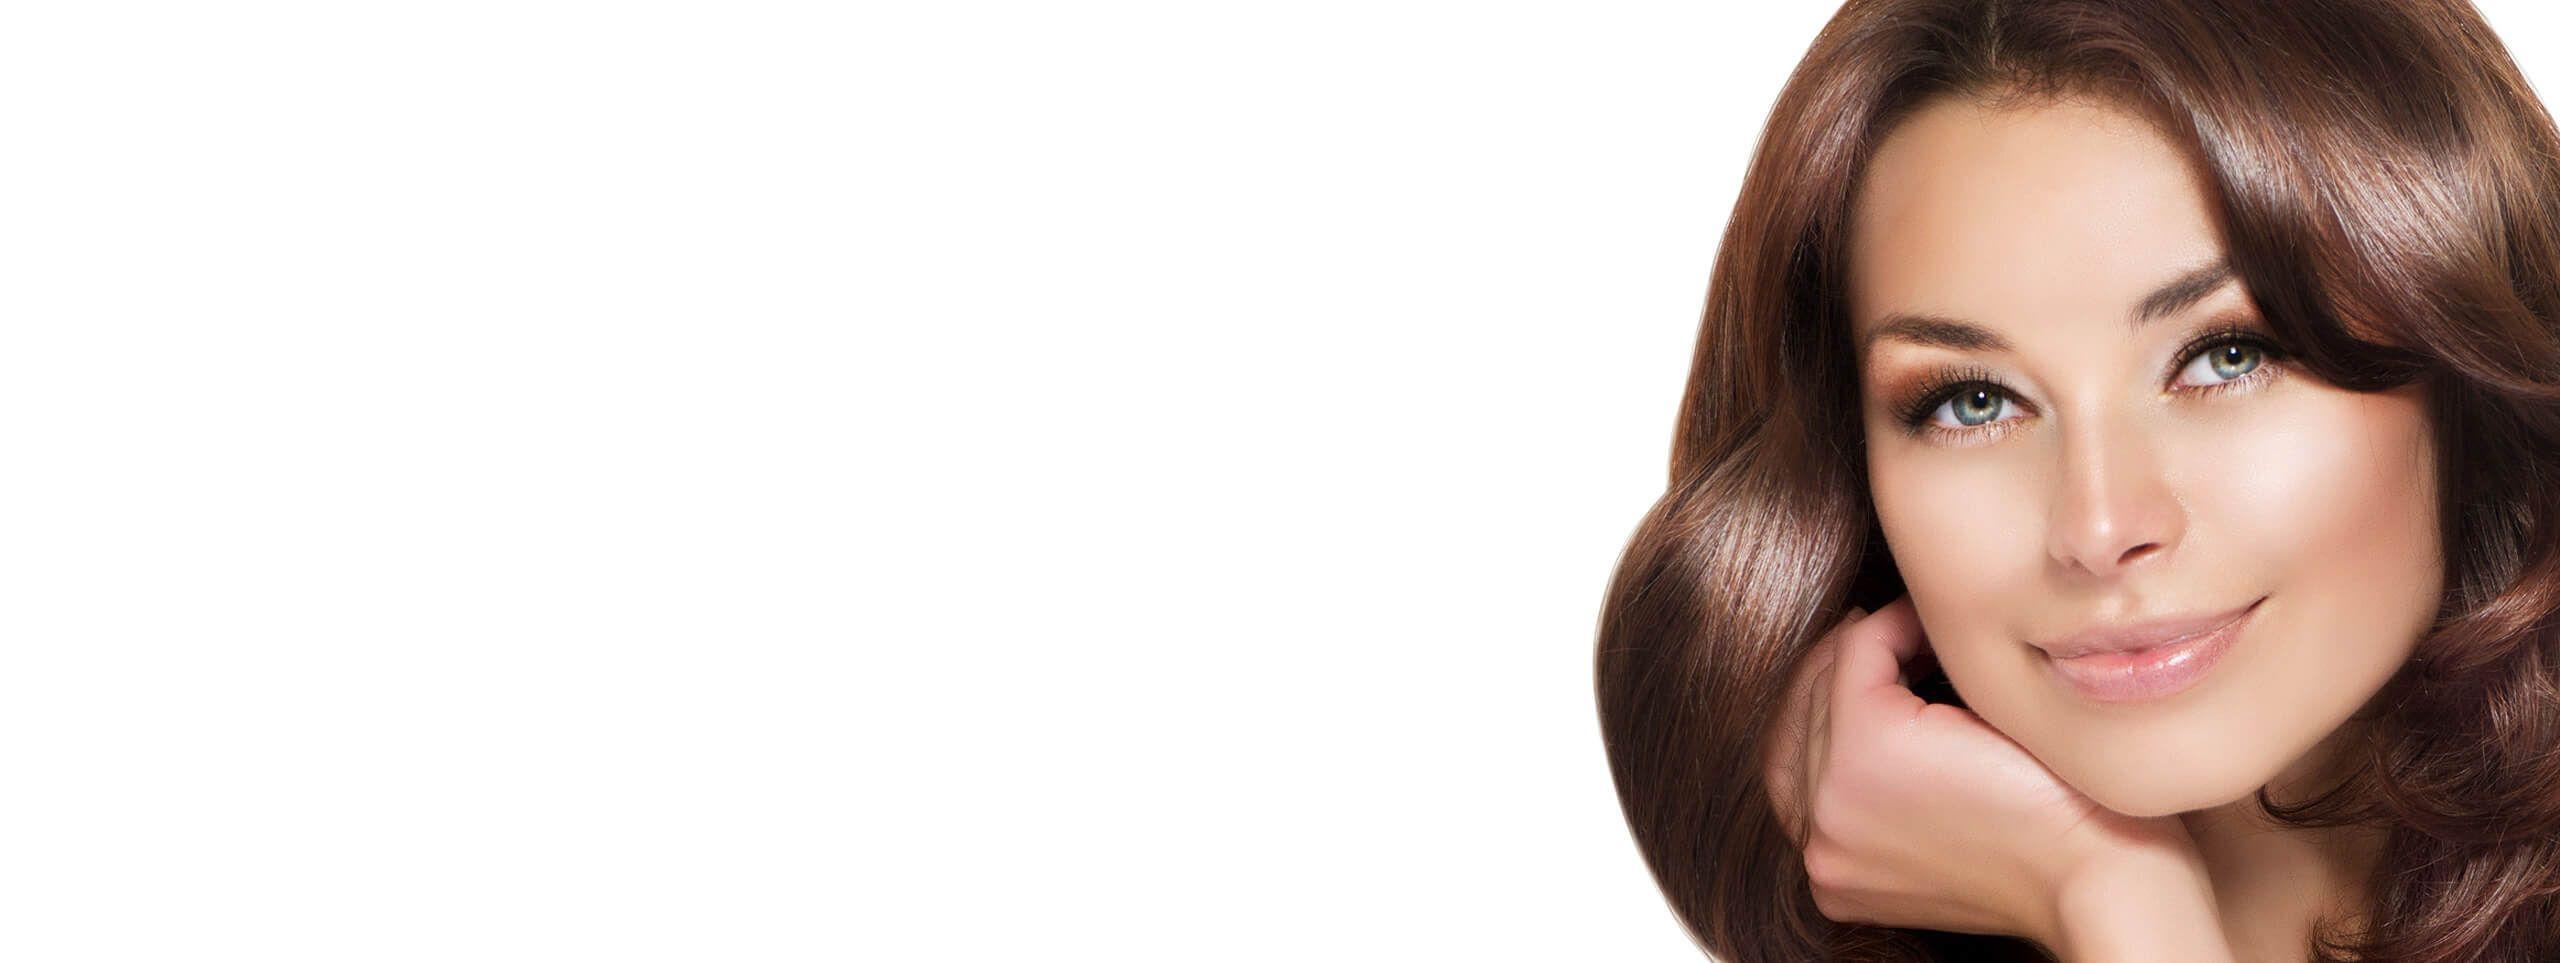 Kobieta ze zdrowymi pięknymi włosami